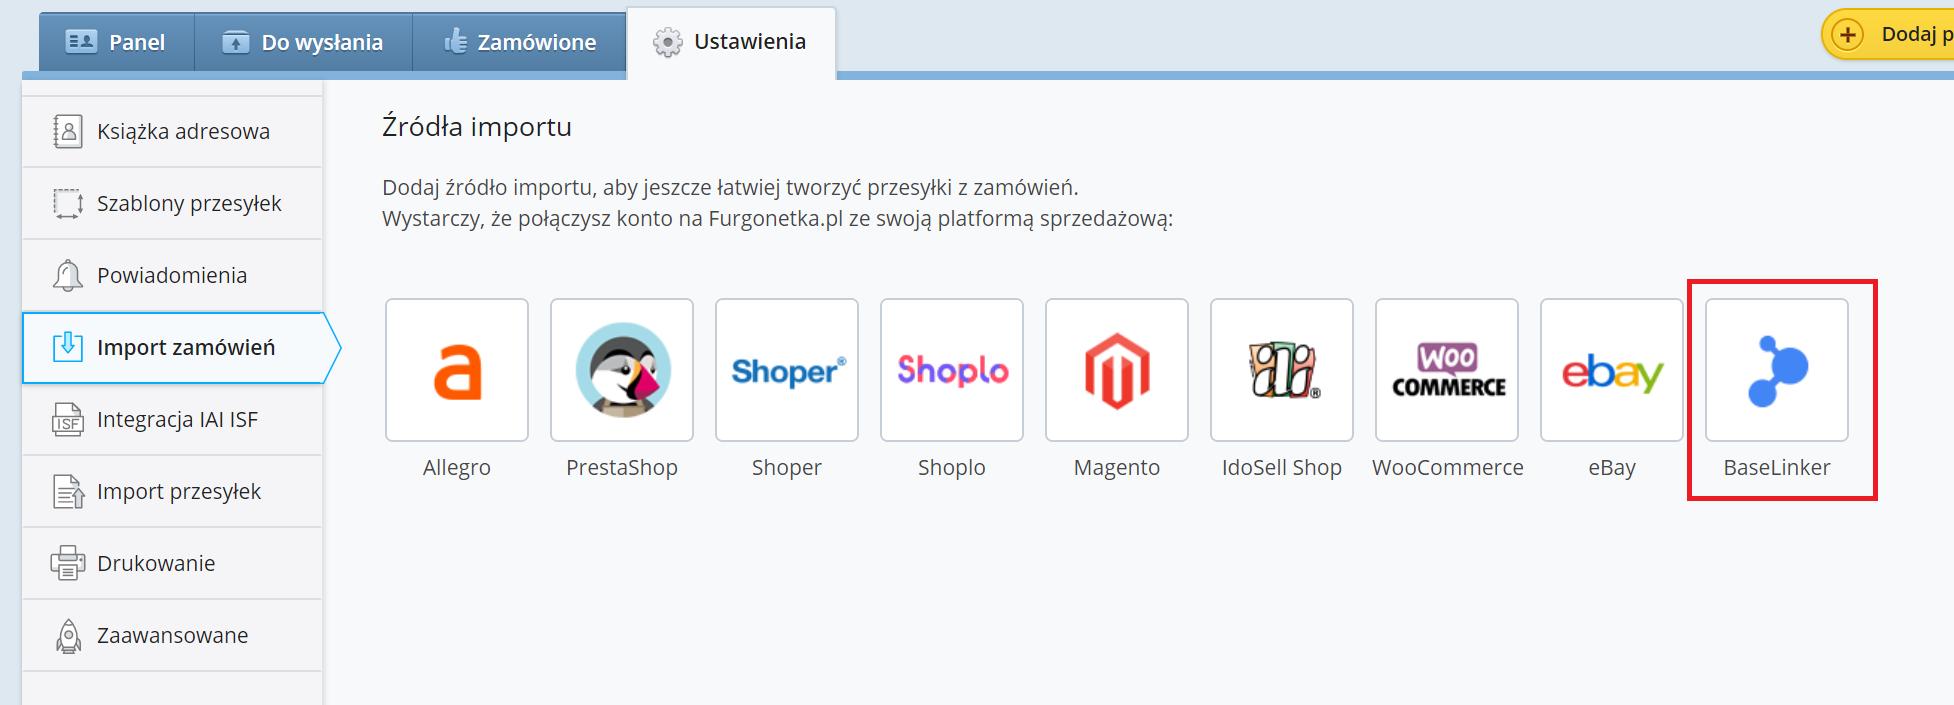 Jak zintegrować BaseLinker z Furgonetka.pl?